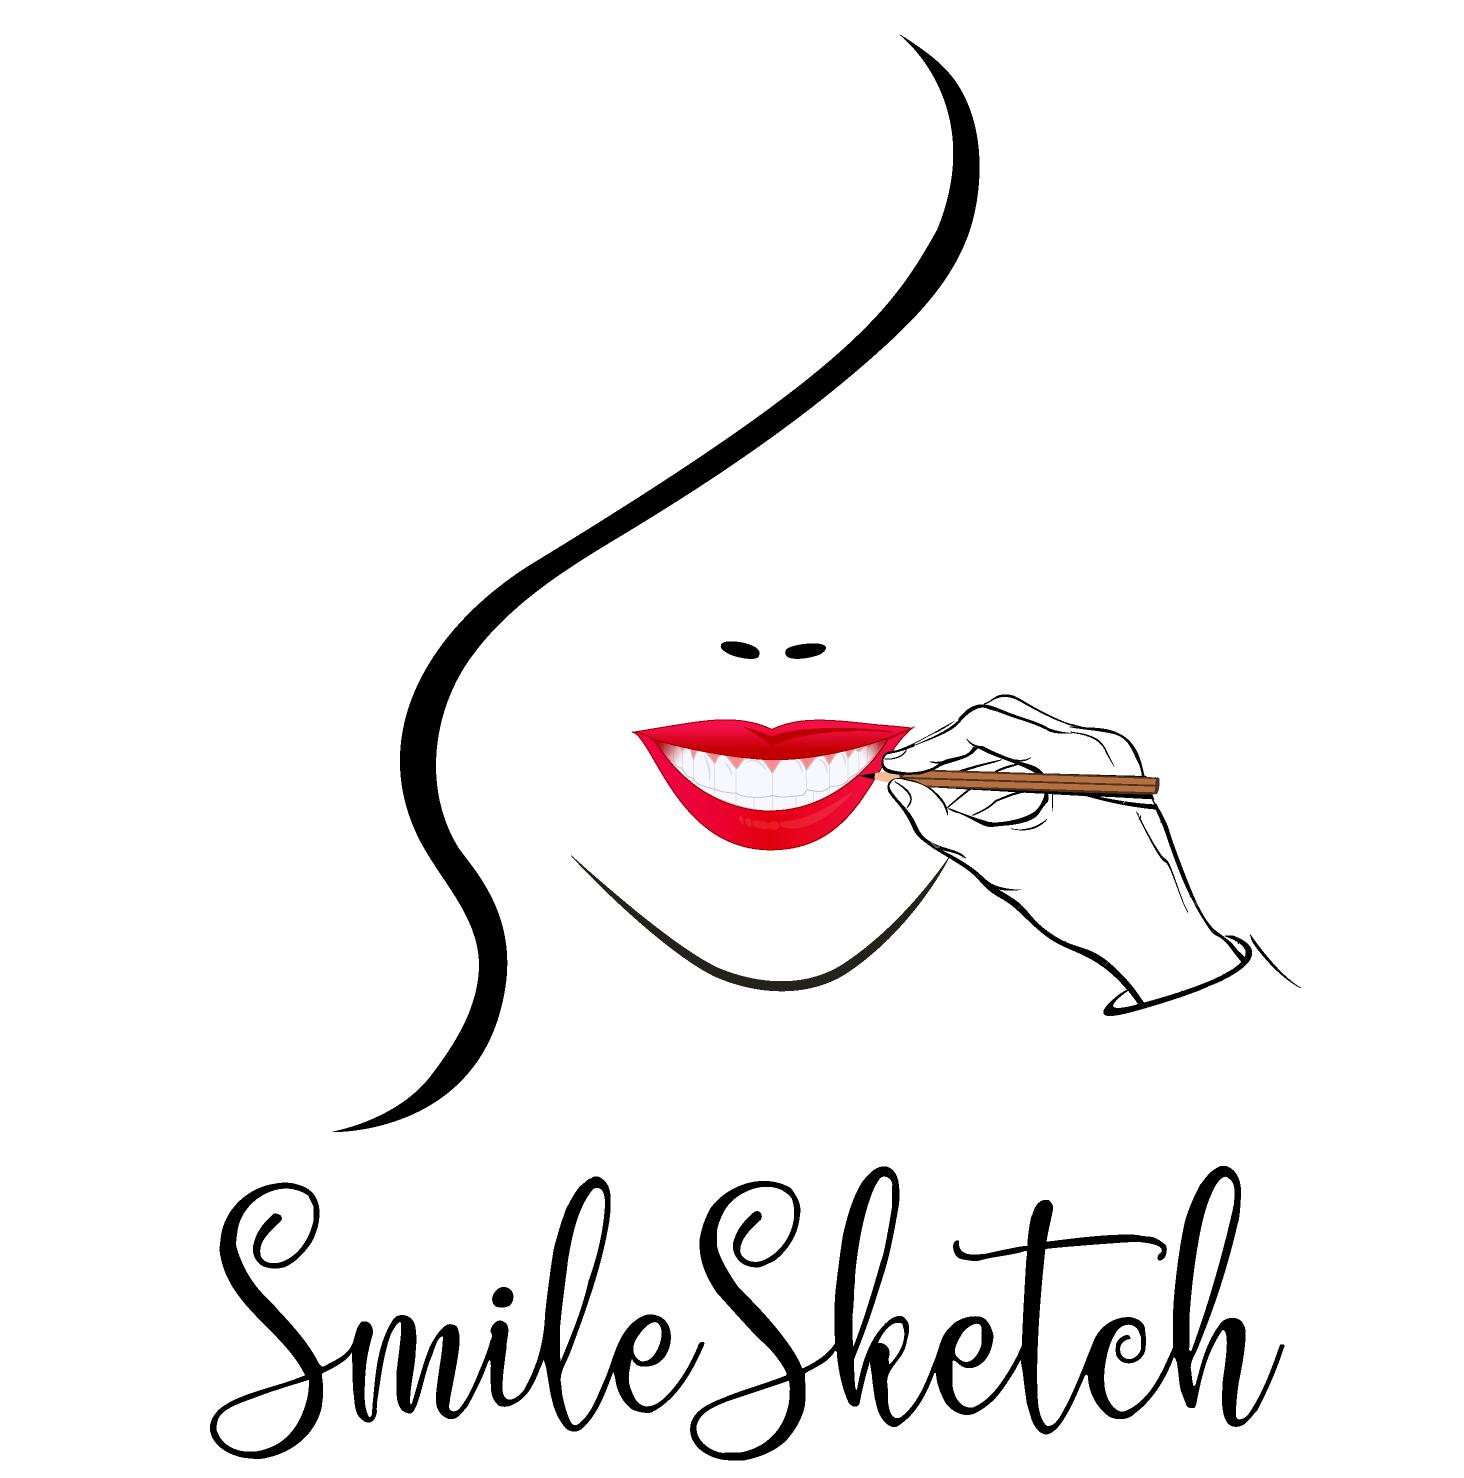 SmileSketchVegas